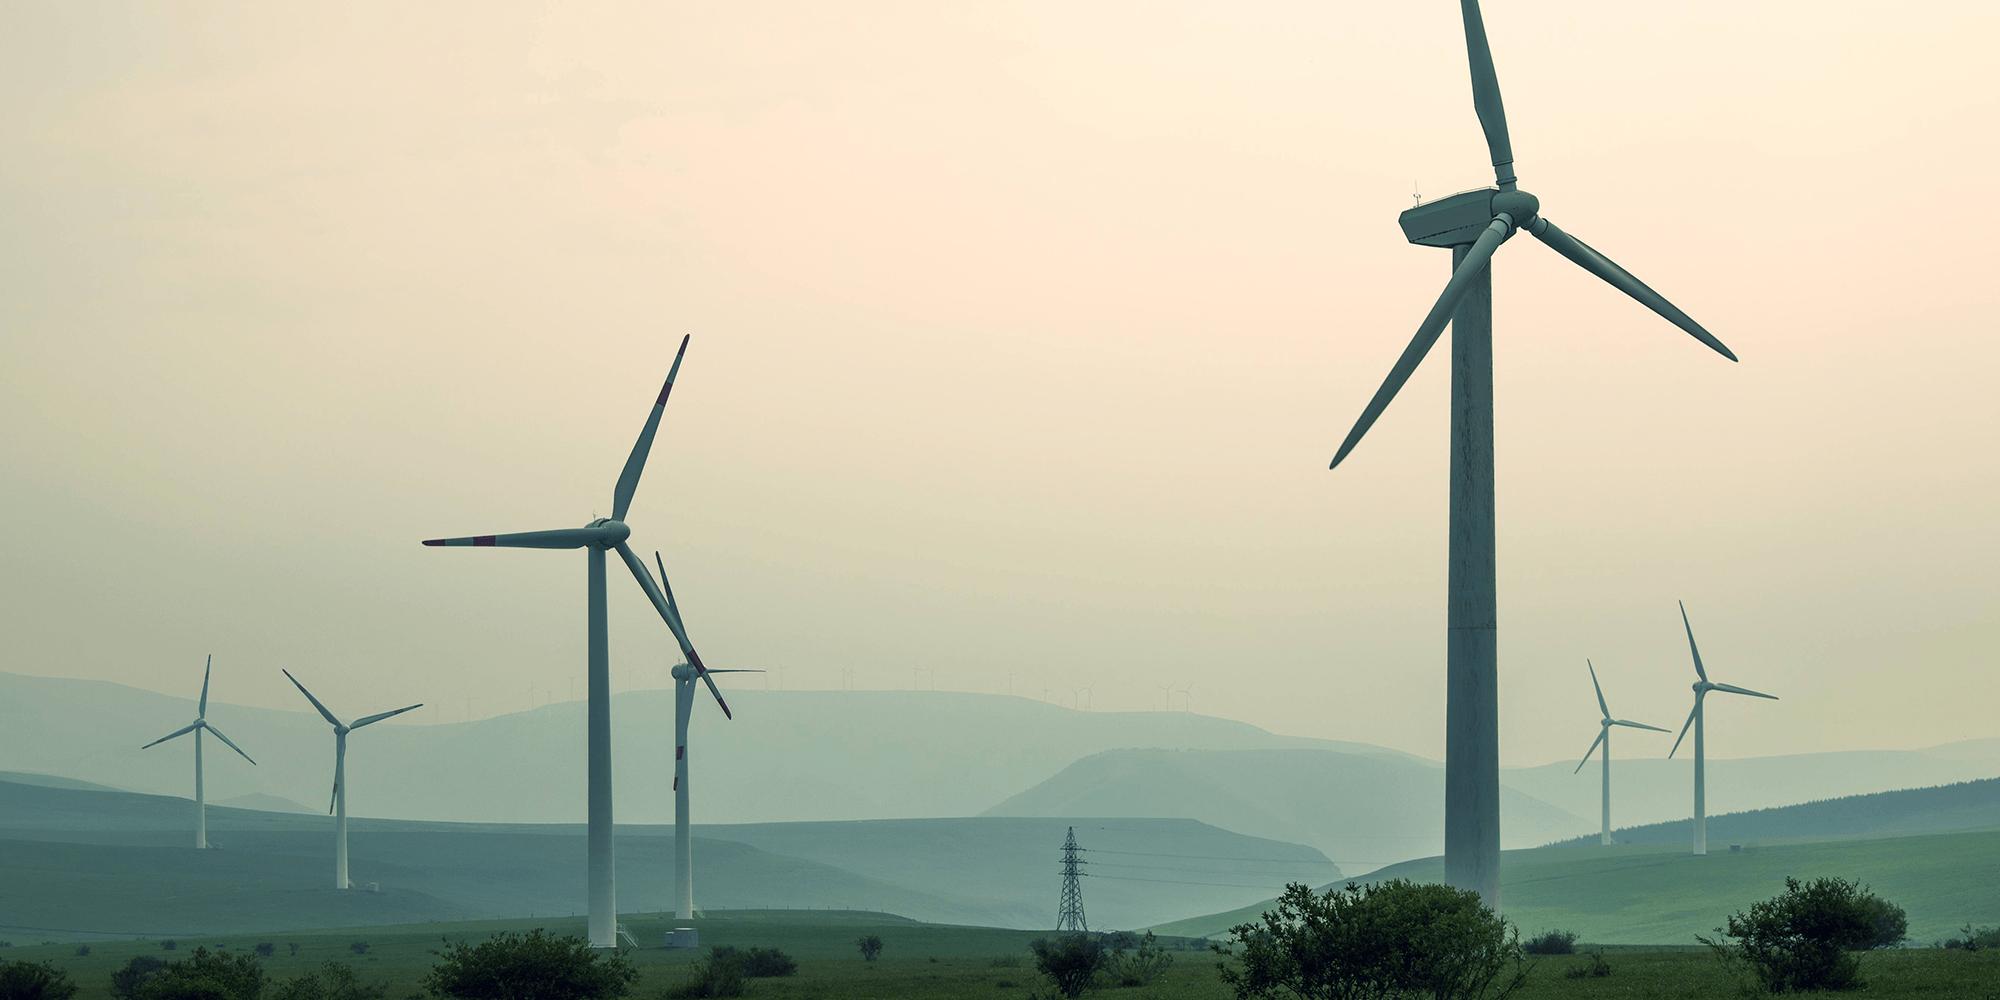 Bilde av vindmøller i et tåkete landskap